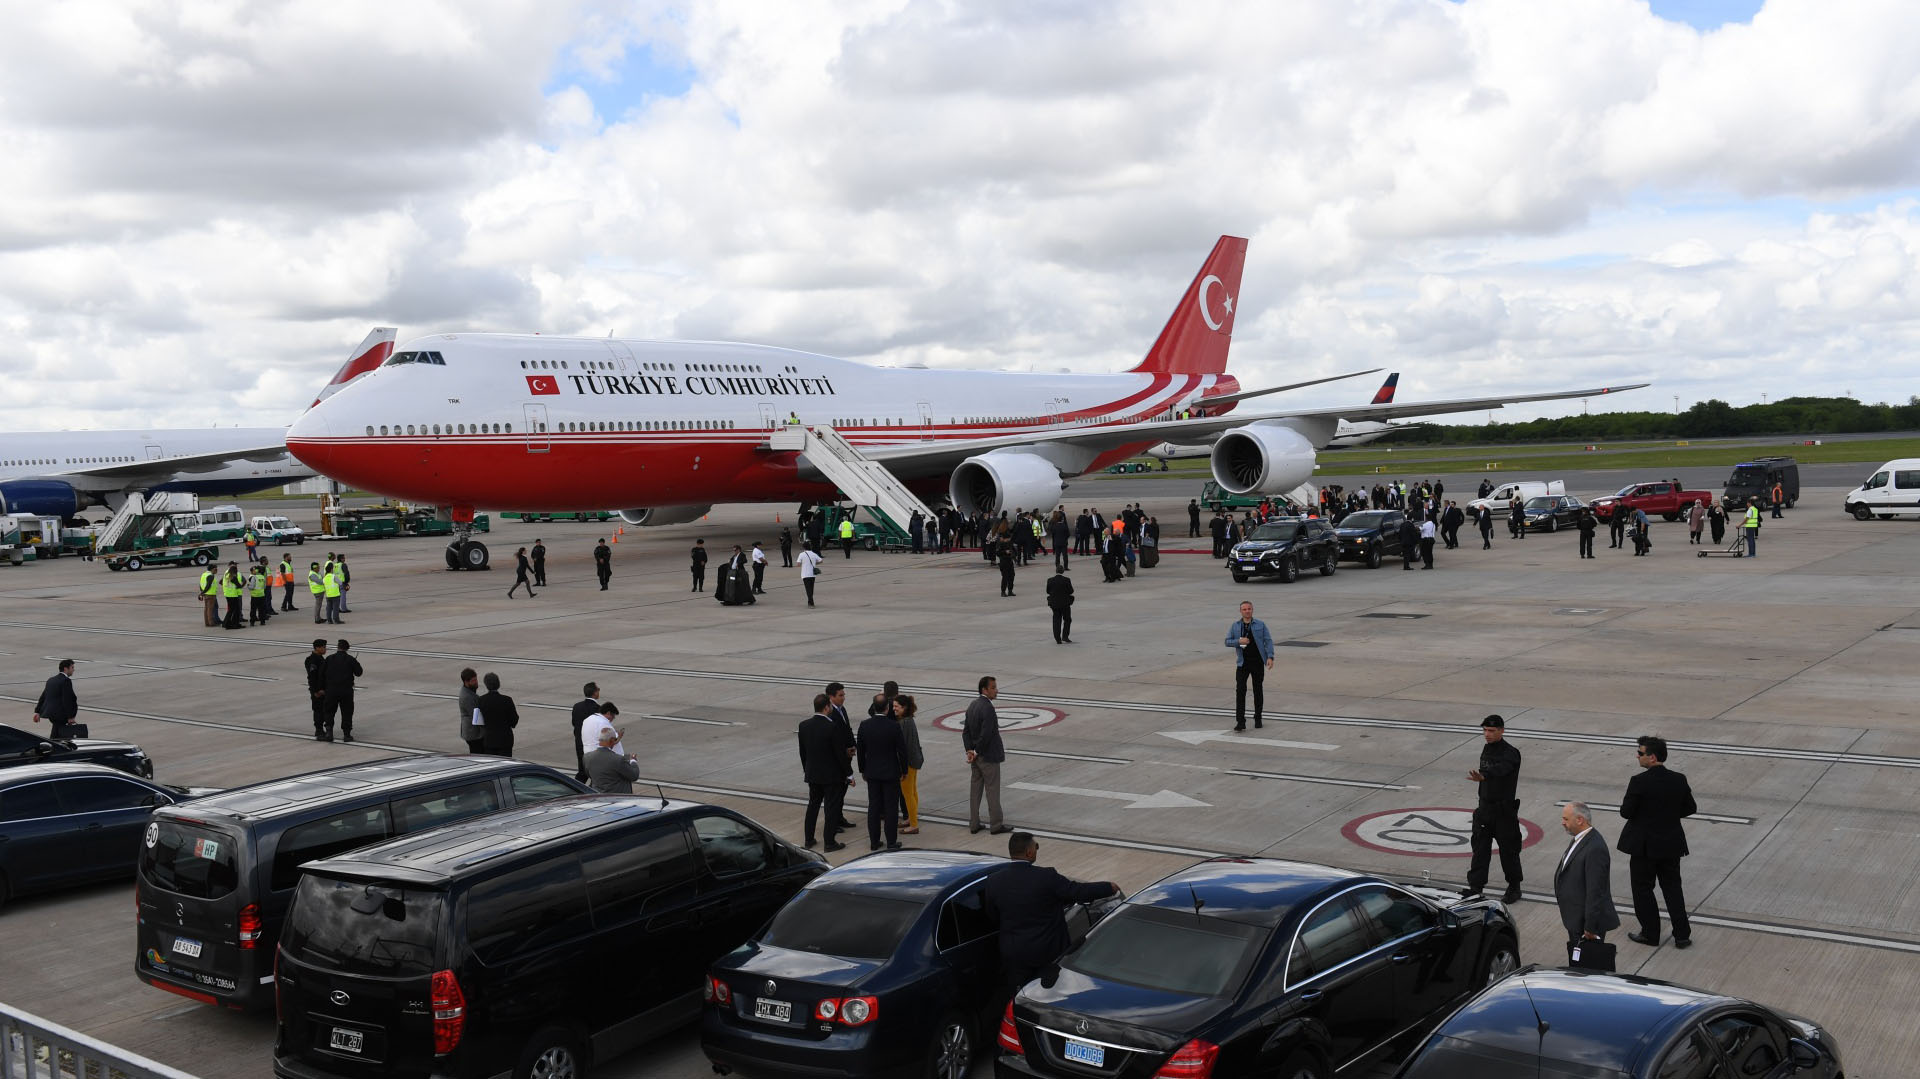 El avión de Turquía